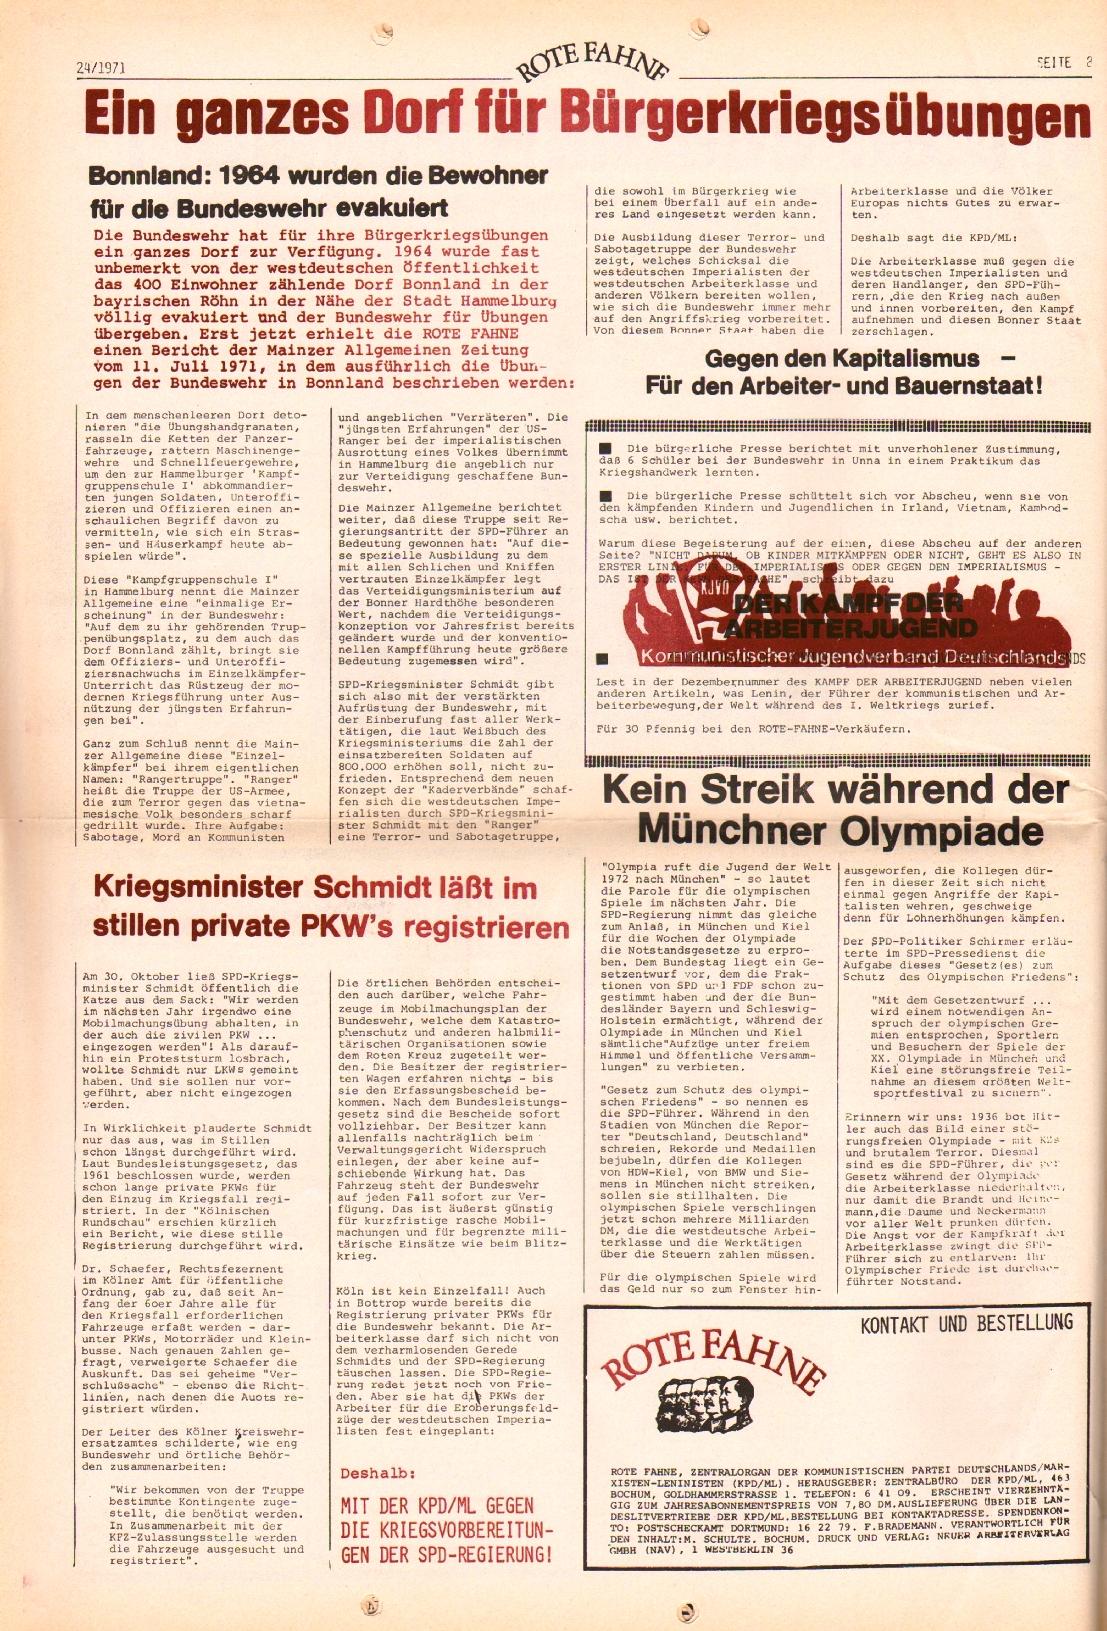 Rote Fahne, 2. Jg., 6.12.1971, Nr. 24, Seite 12